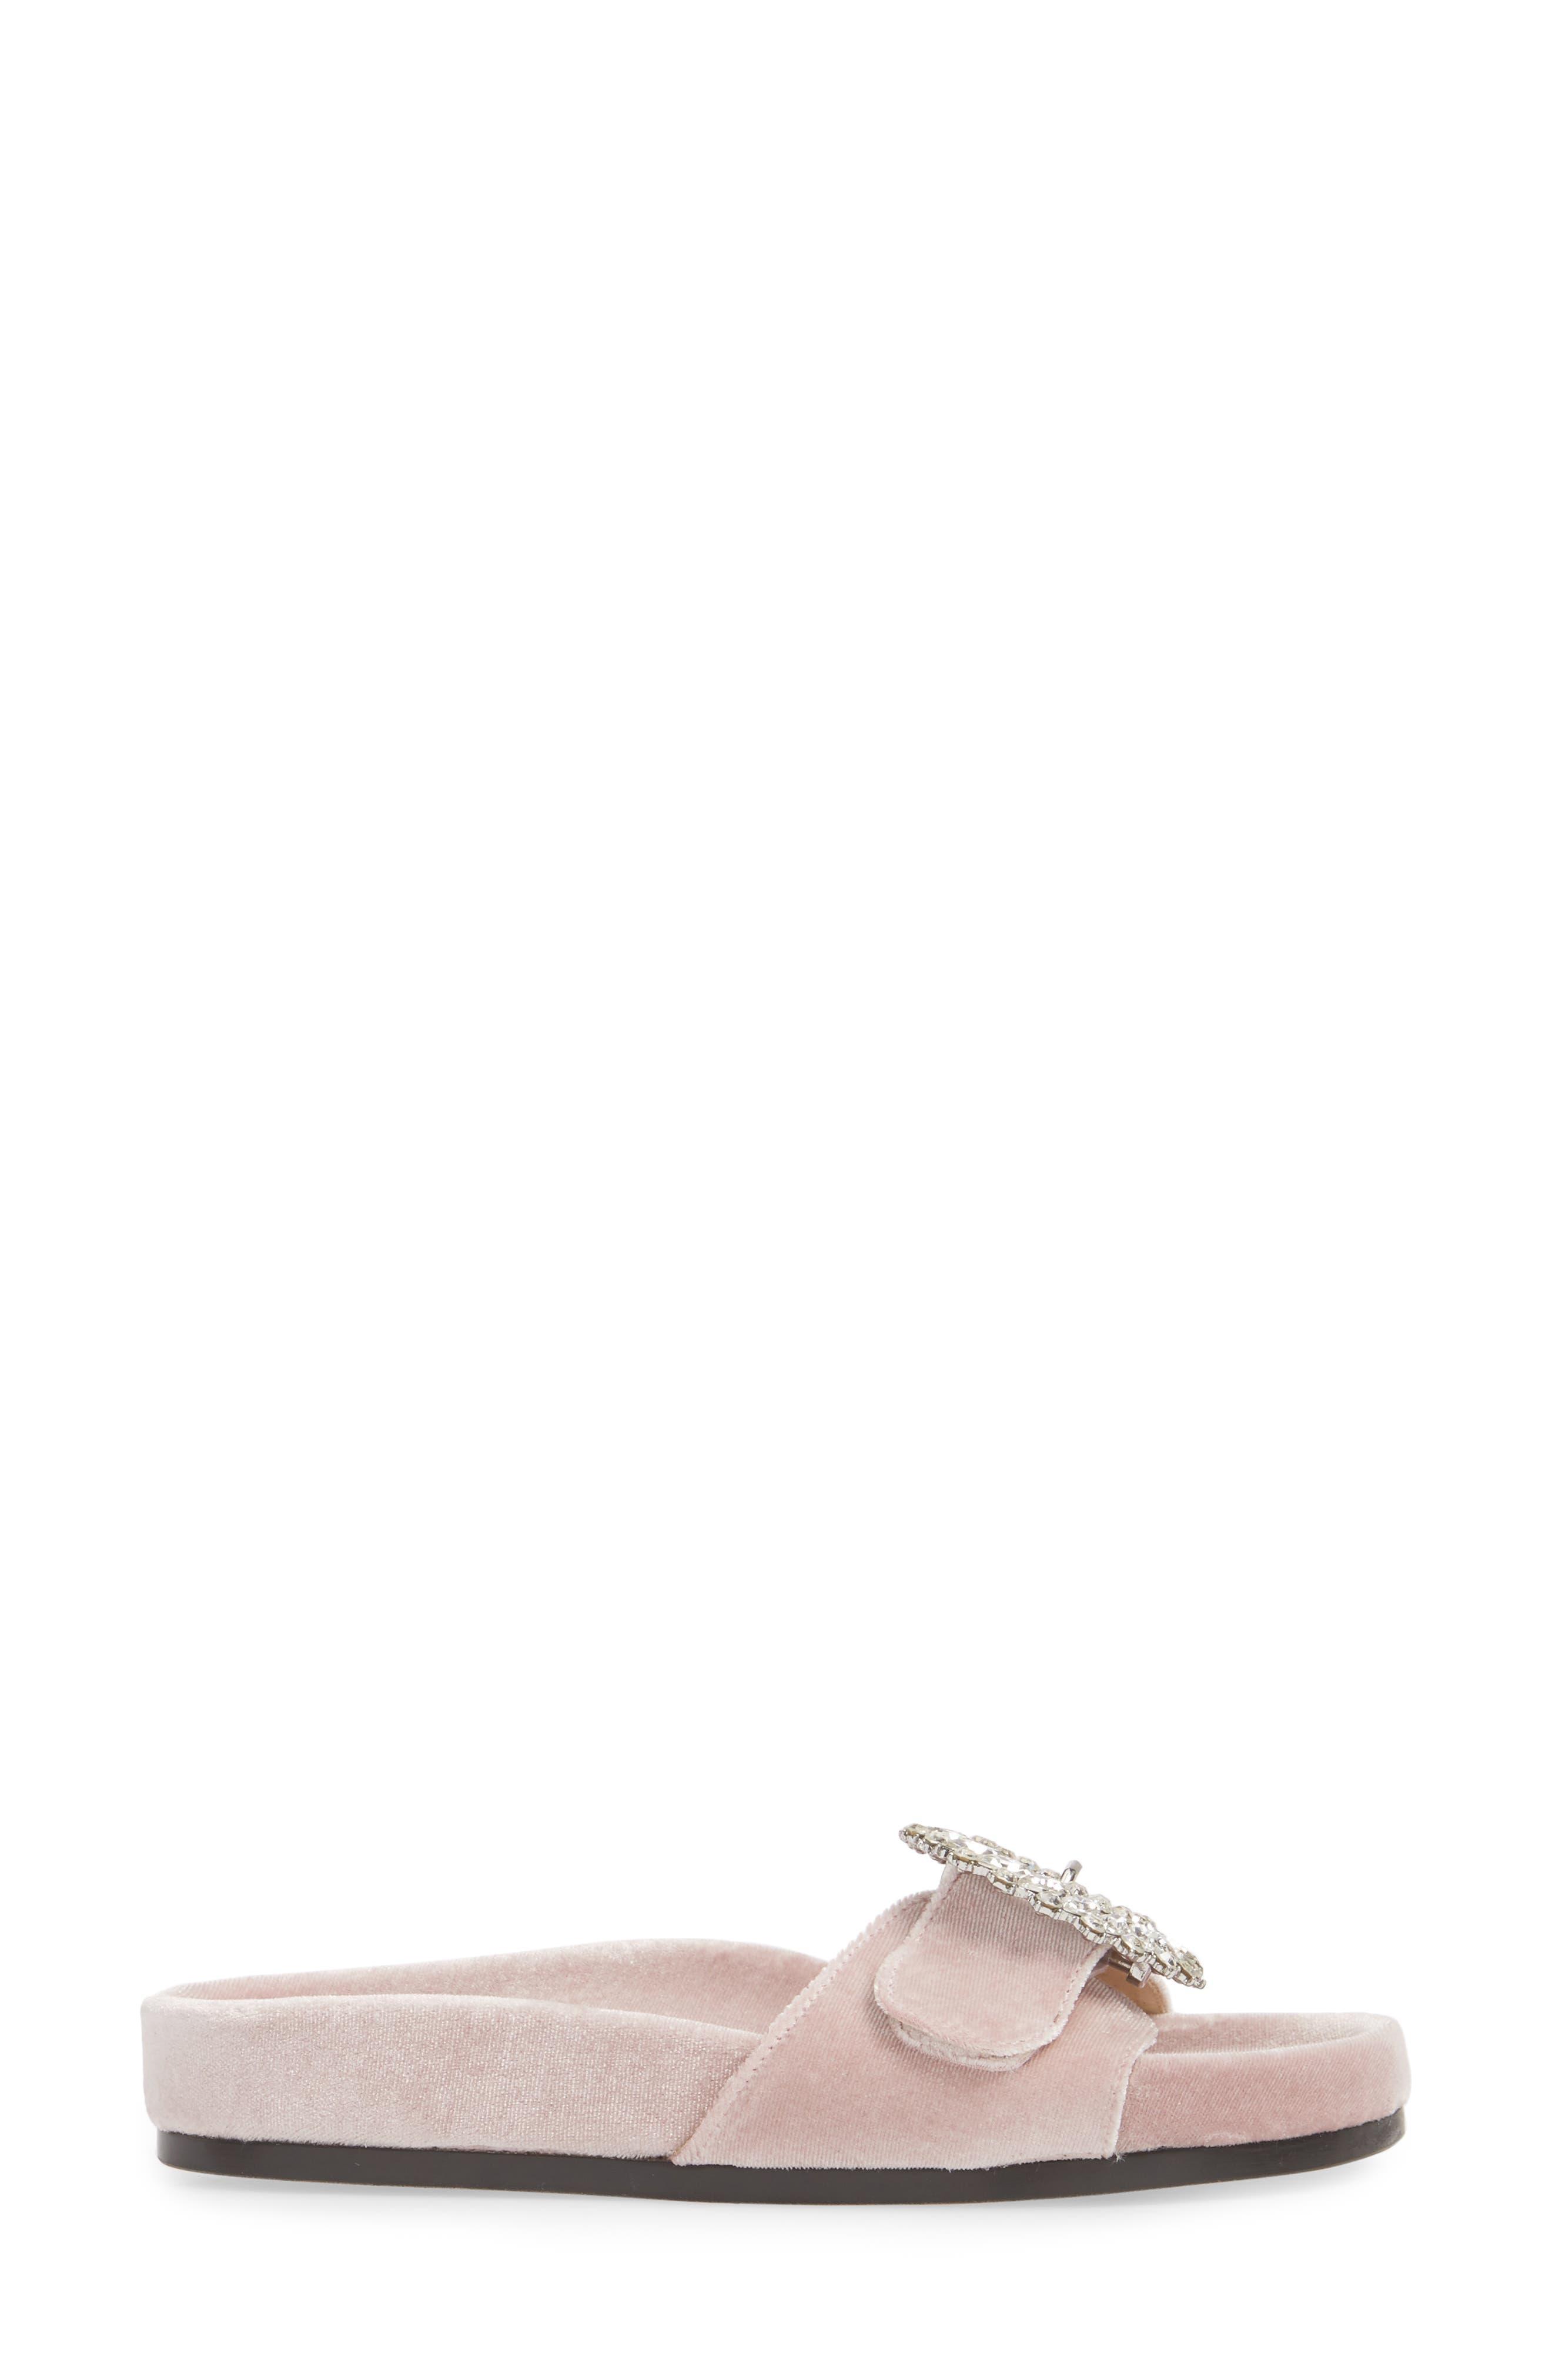 Upolu Embellished Slide Sandal,                             Alternate thumbnail 3, color,